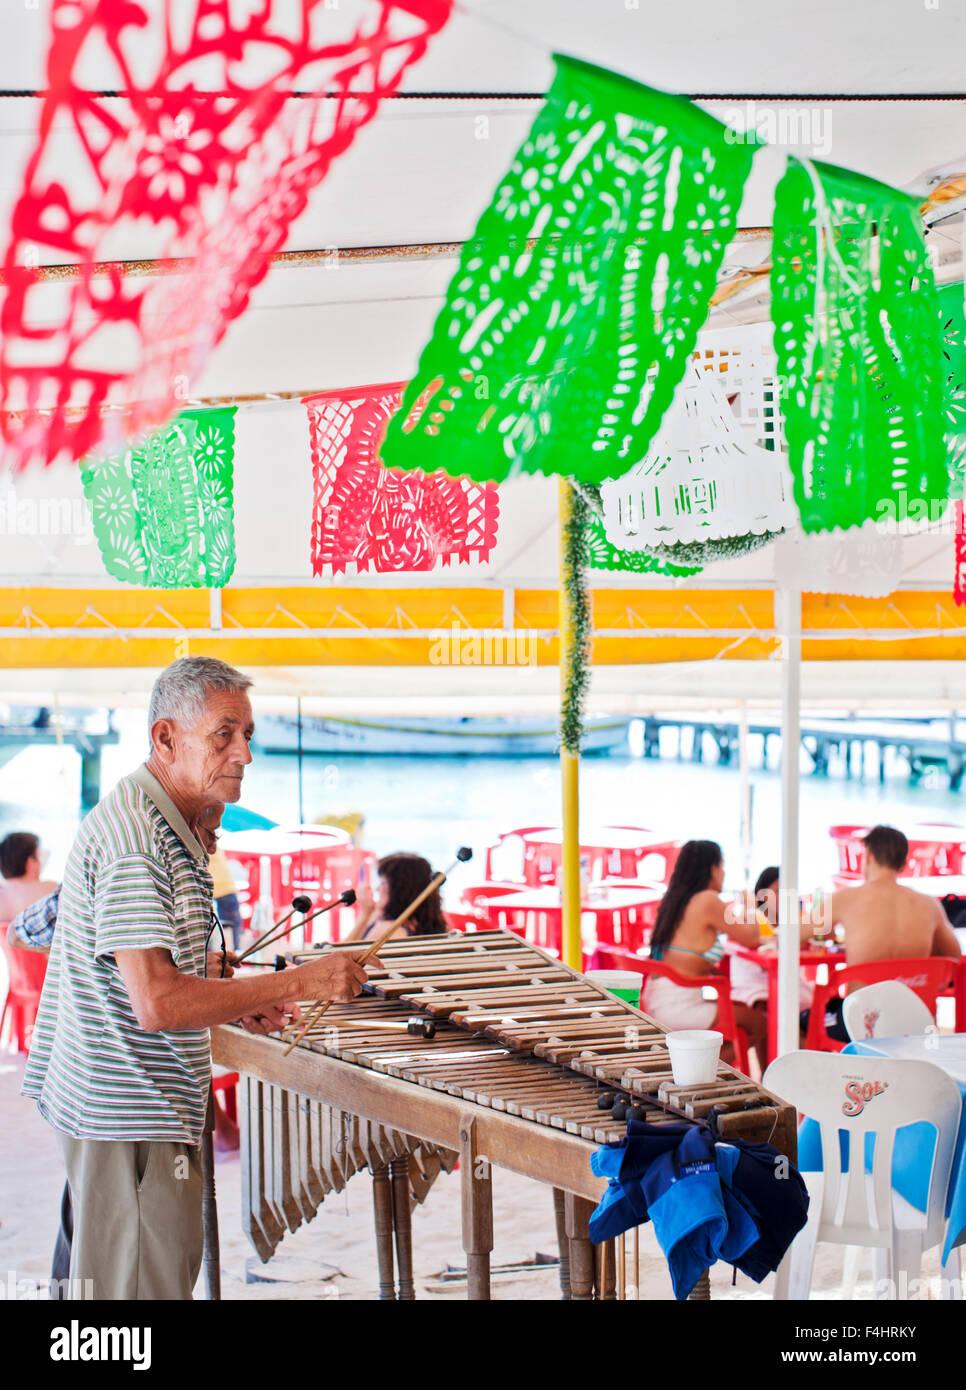 Man spielt Xylophon bei Minino, unter freiem Himmel, Zelt-Stil-Meeresfrüchte-Restaurant in der Nähe der Stockbild